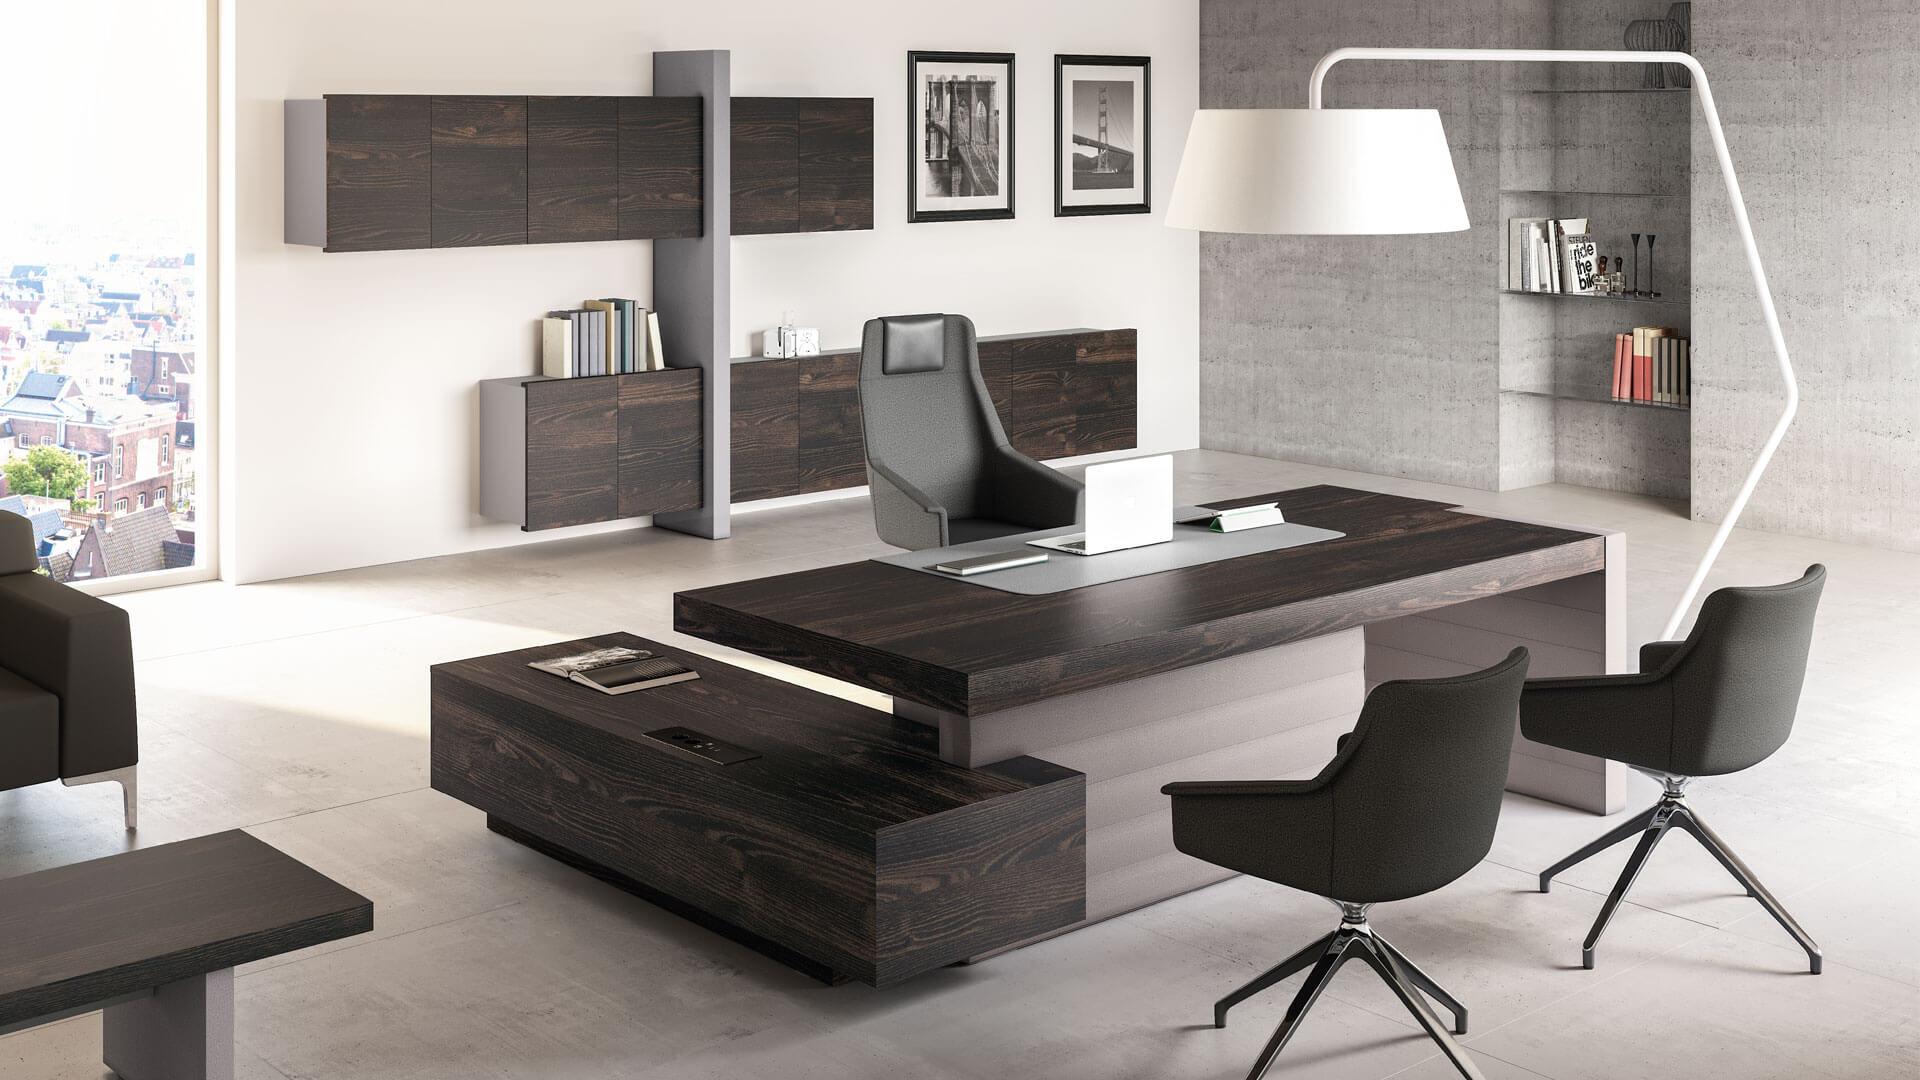 Arredamento ufficio per verona vicenza padova for Arredamento ufficio design